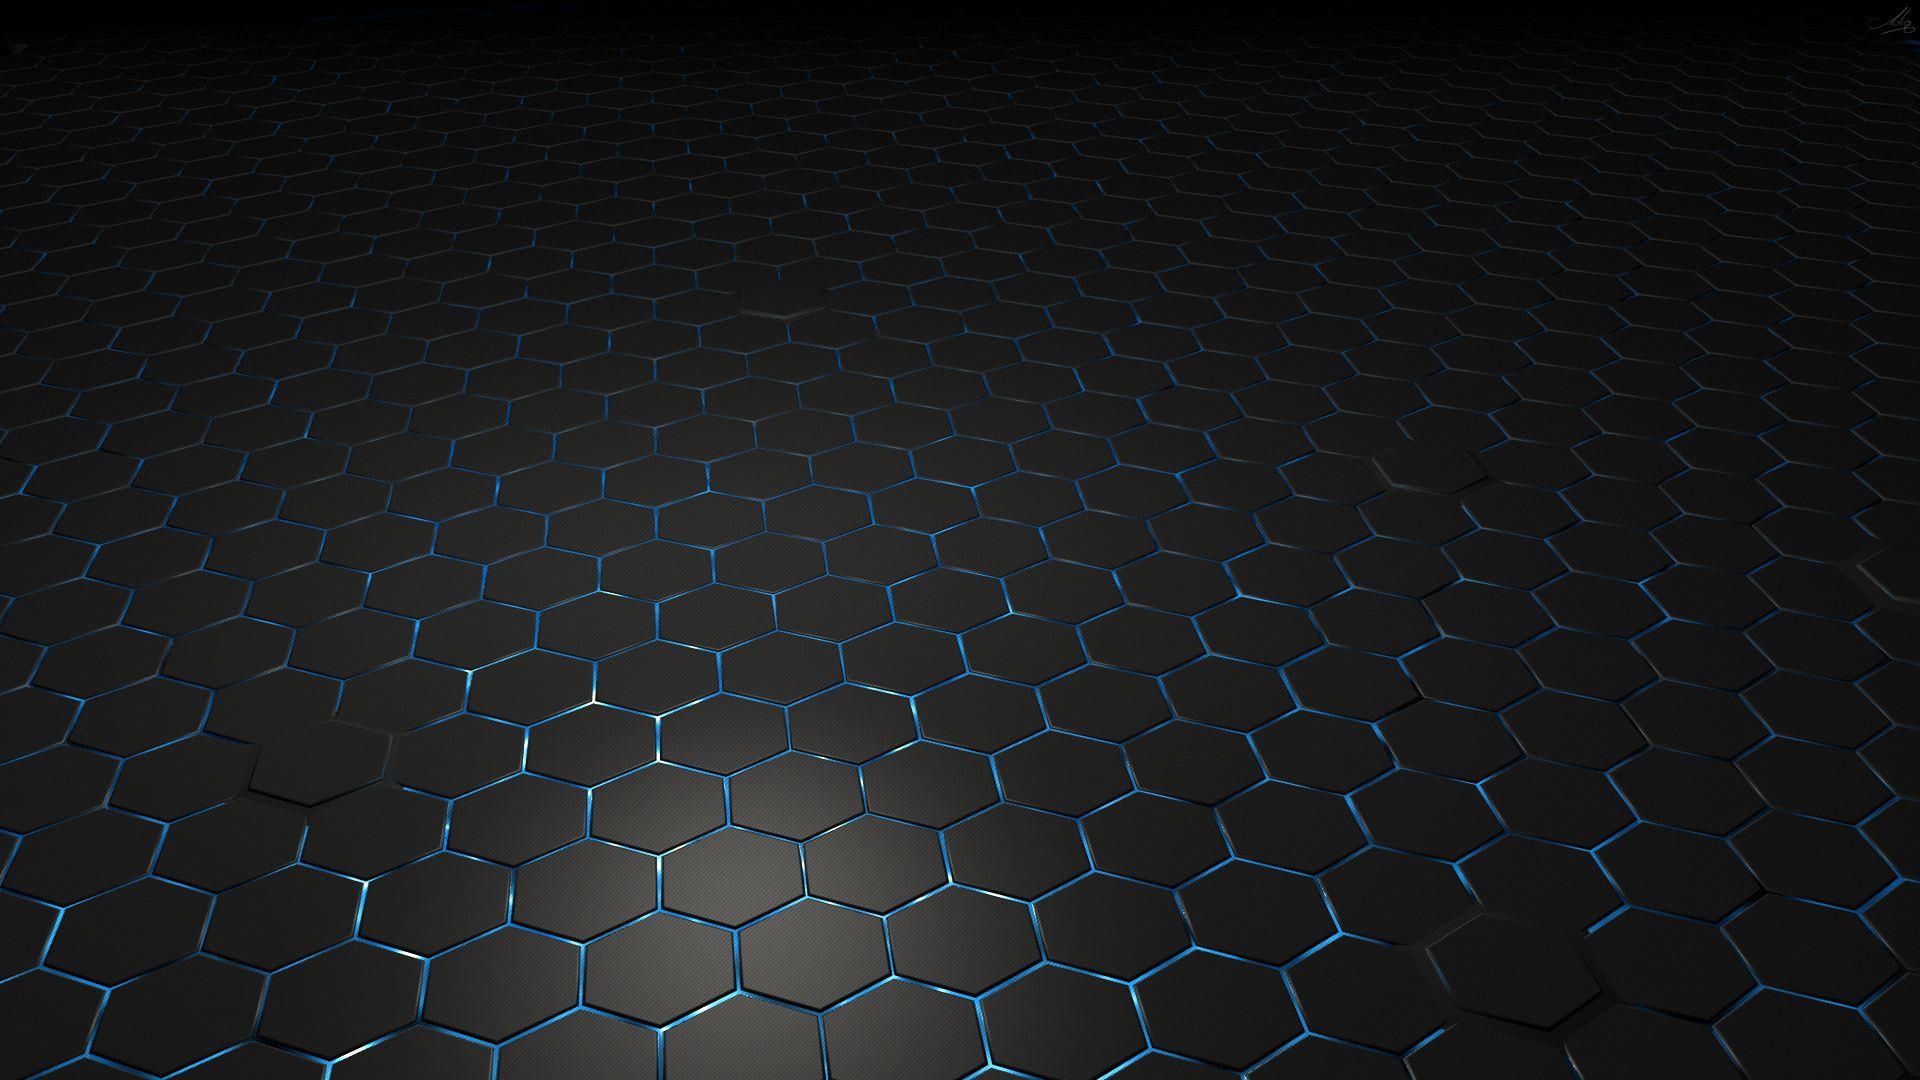 Hex desktop wallpaper download